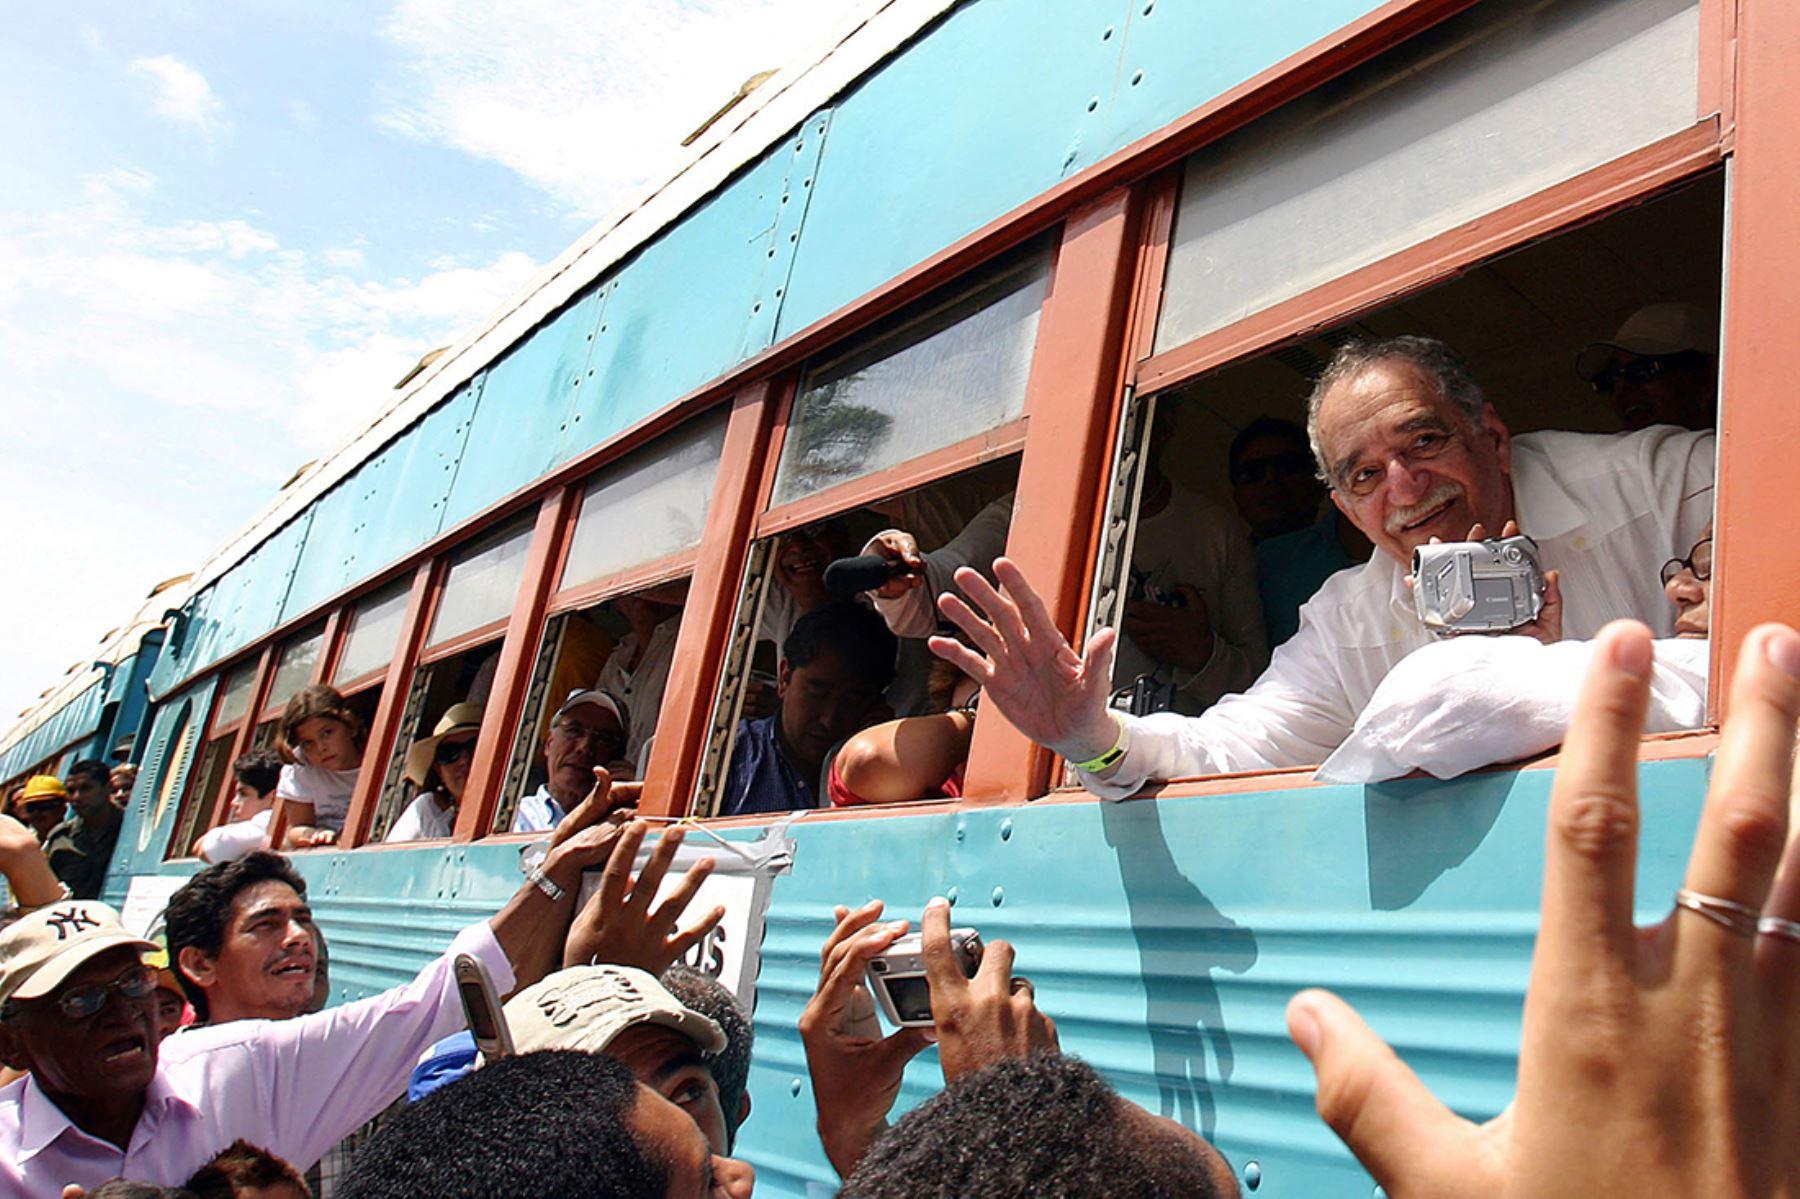 Gabriel García Márquez se asoma por la ventana del tren al llegar a su ciudad natal Aracataca, Colombia, el 30 de mayo de 2007.  Foto: AFP